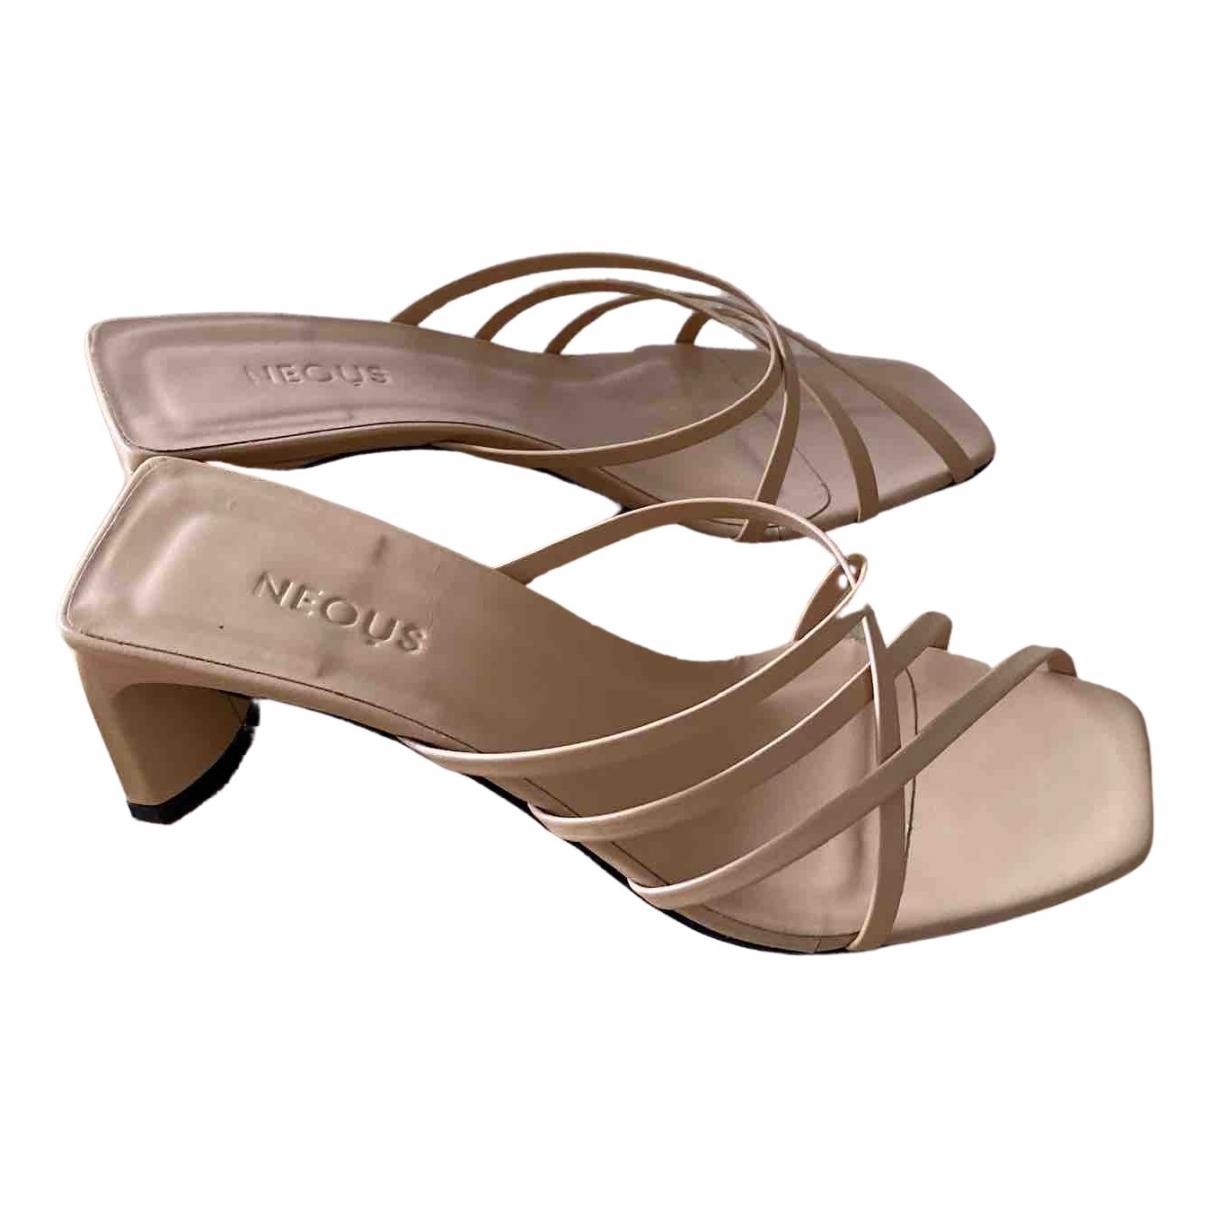 Neous - Sandales   pour femme en cuir - beige